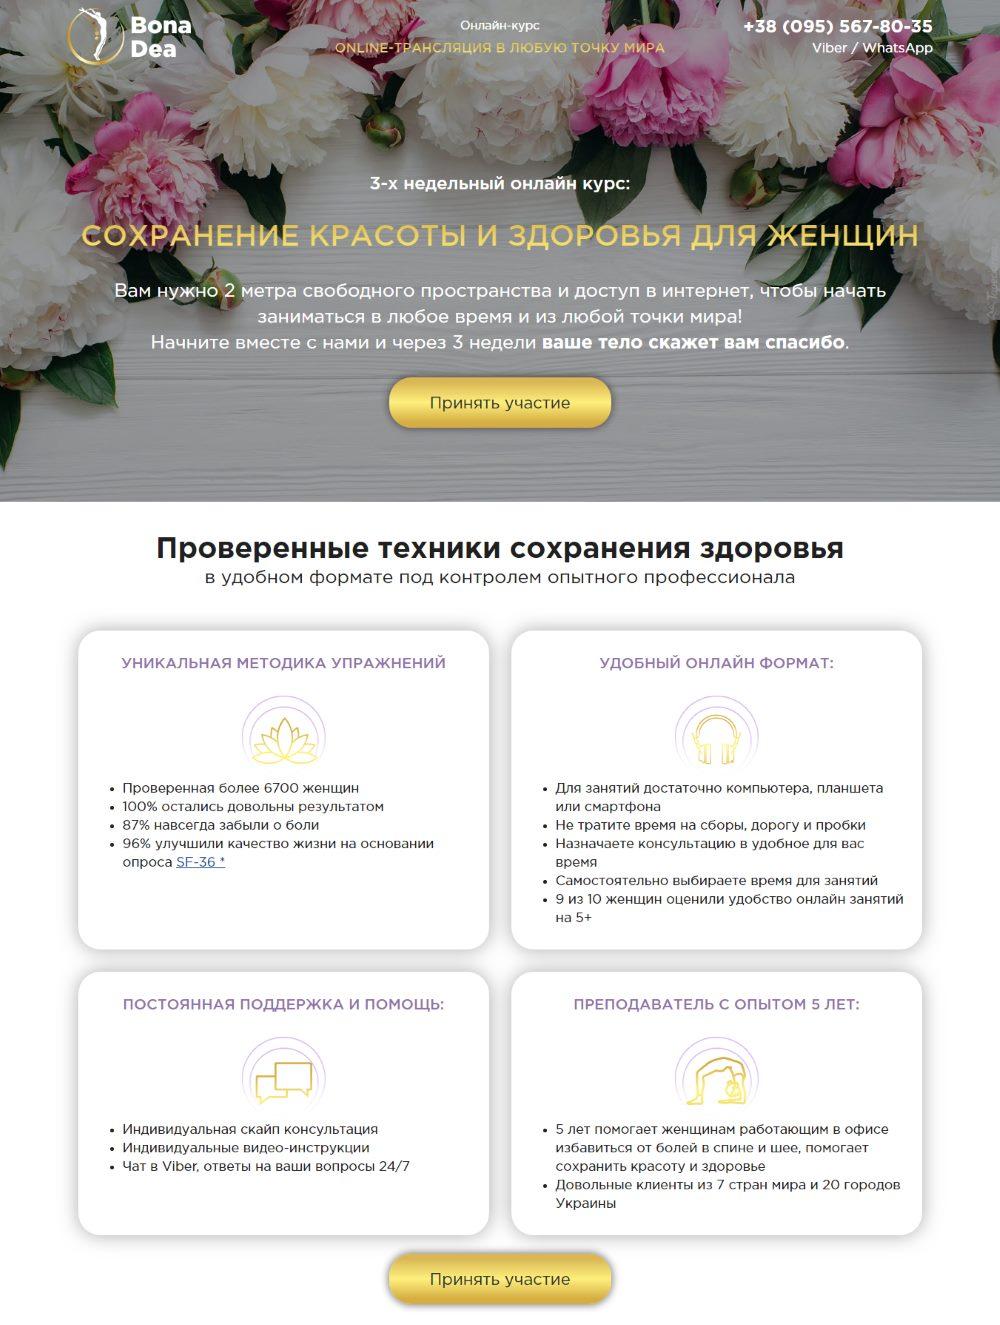 Создание Лендинга Для Онлайн Курса По Сохранению Красоты и Здоровья Для Женщин